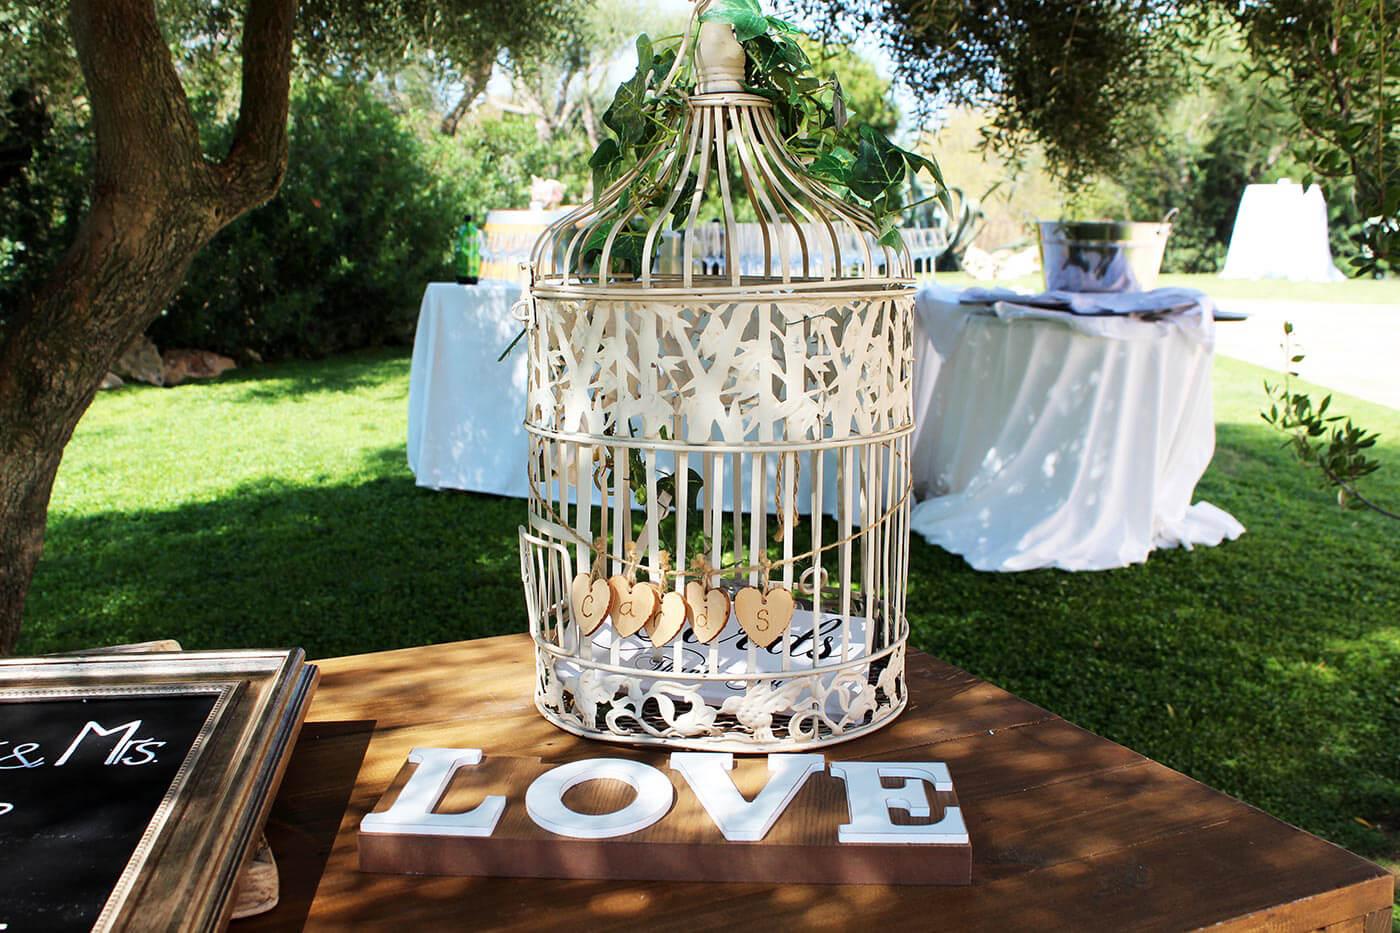 Hochzeitsbräuche Und Traditionen Die Eure Feier Bereichern